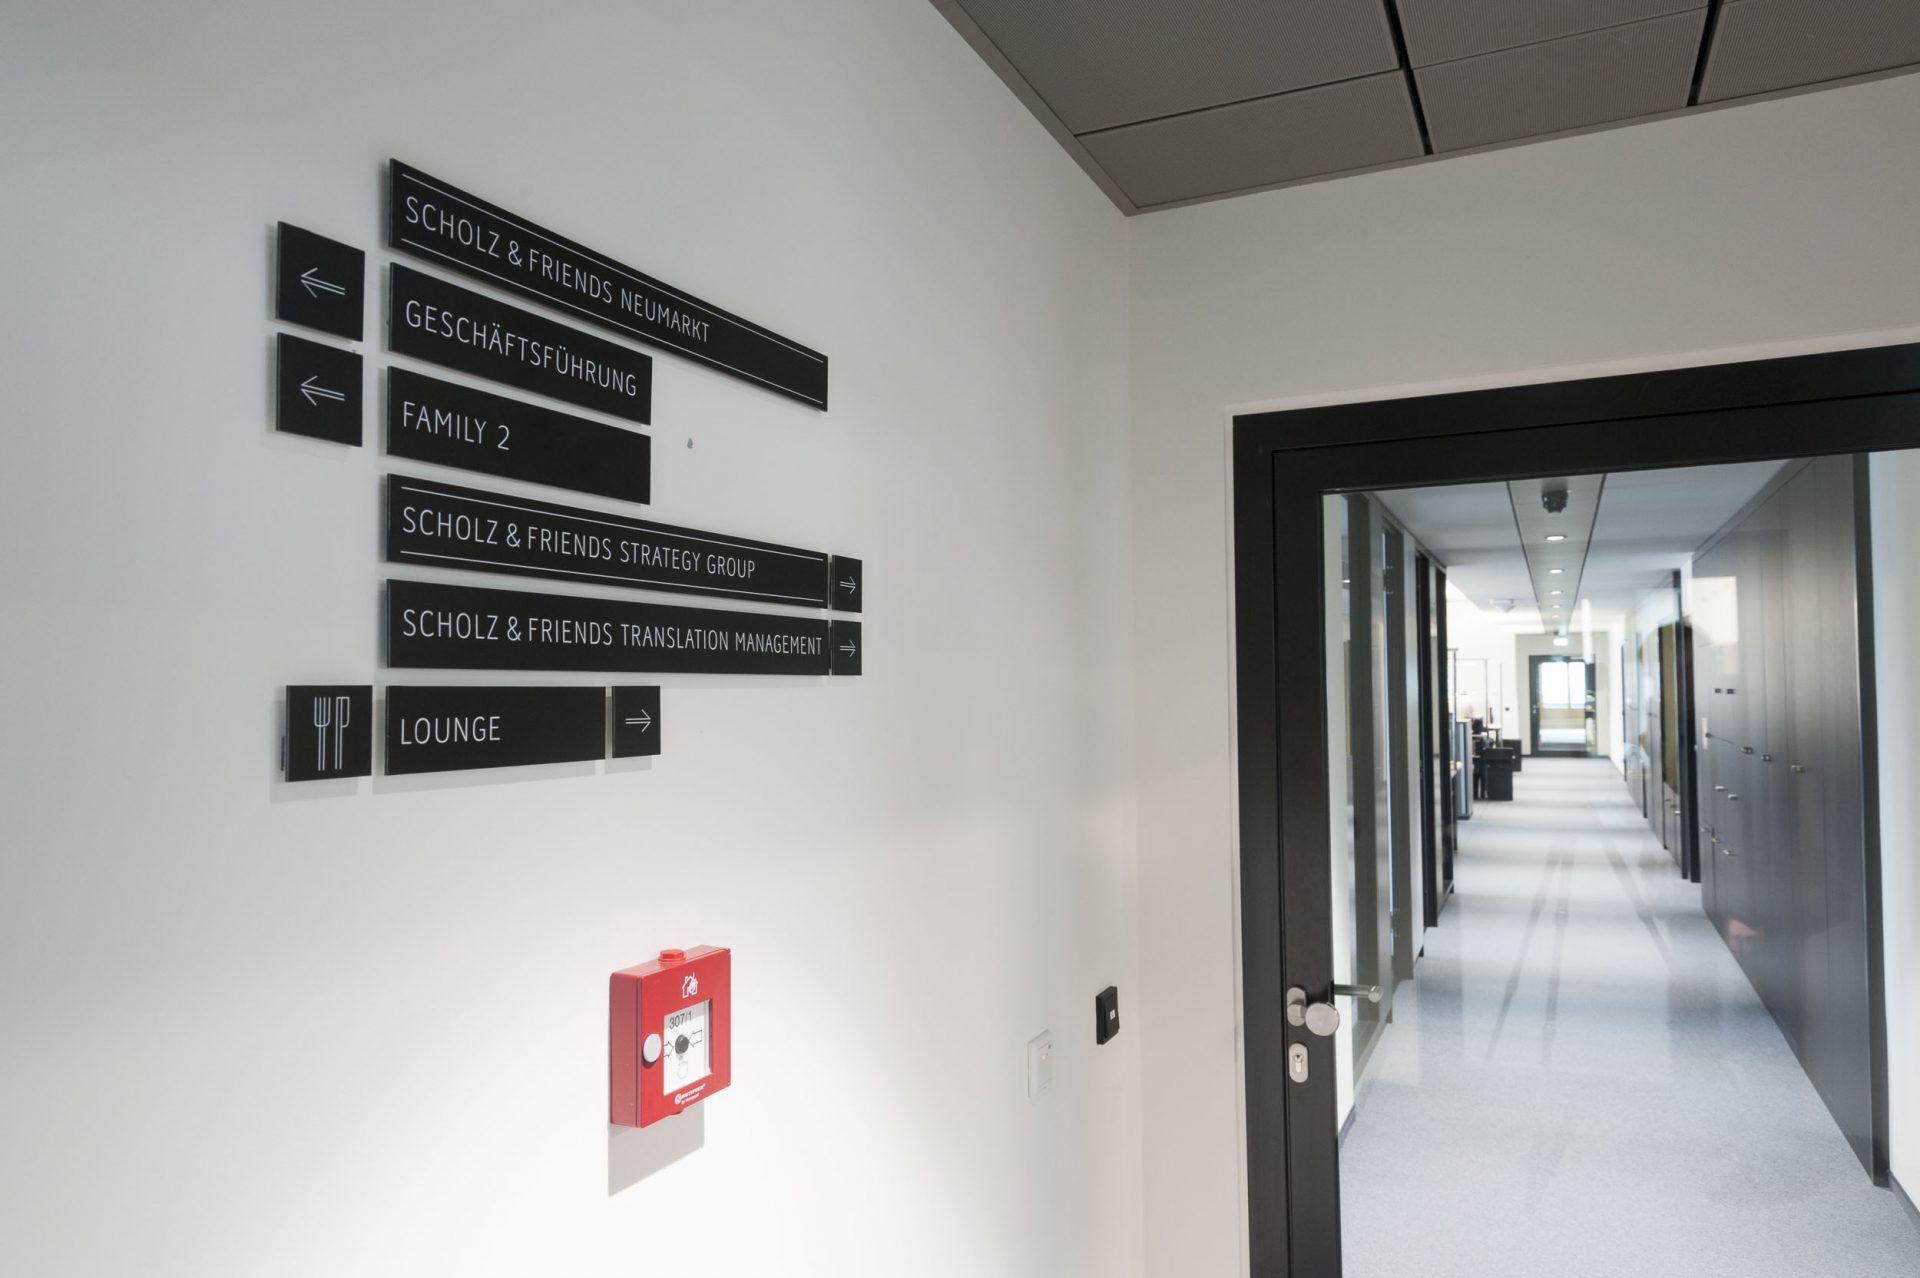 Wegeleitsystem einer Etage in der Agentur Scholz & Friends